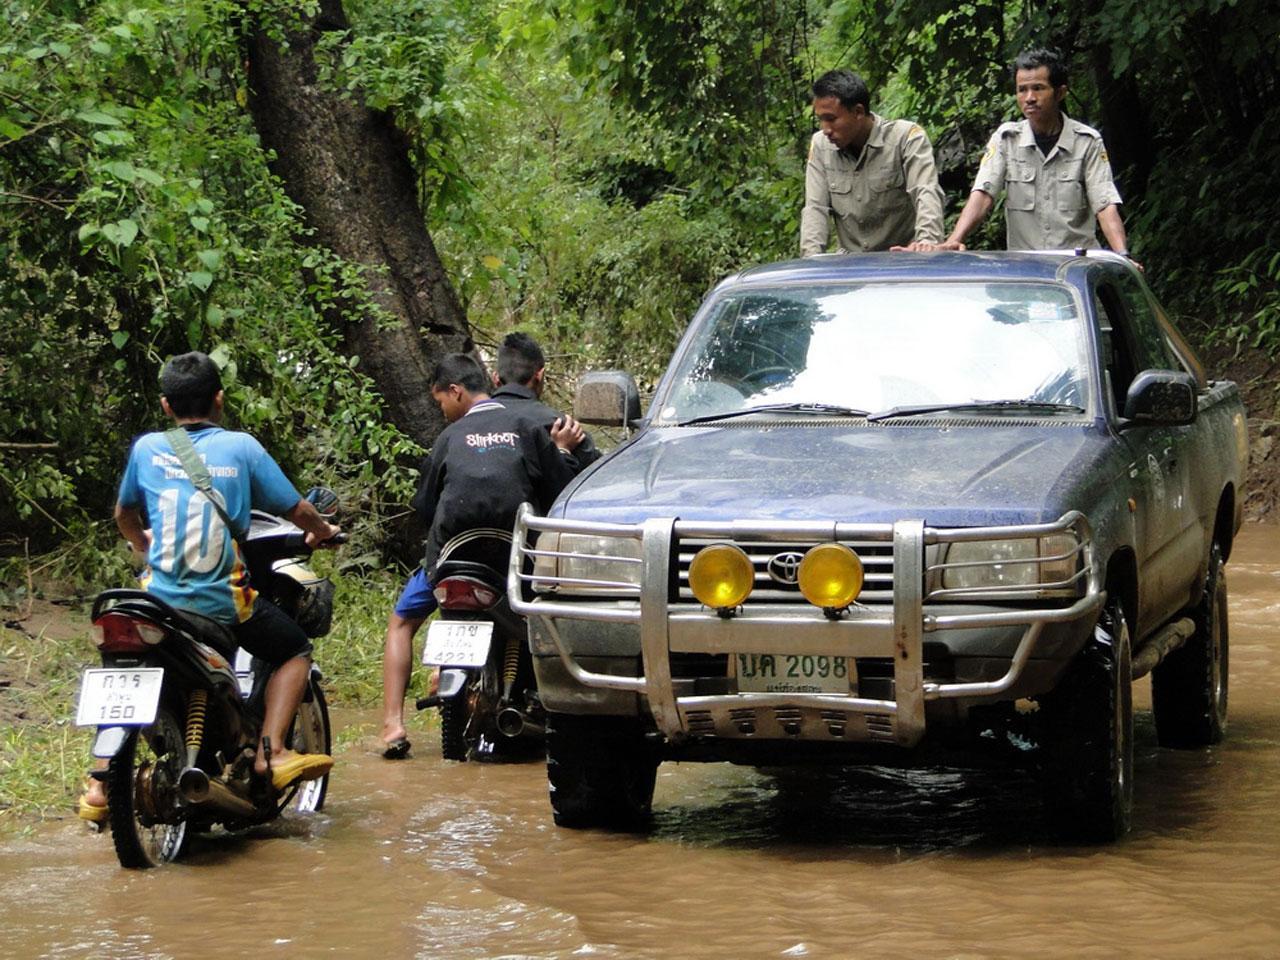 ระดับน้ำเริ่มลดลง จนรถสามารถแล่นผ่านได้